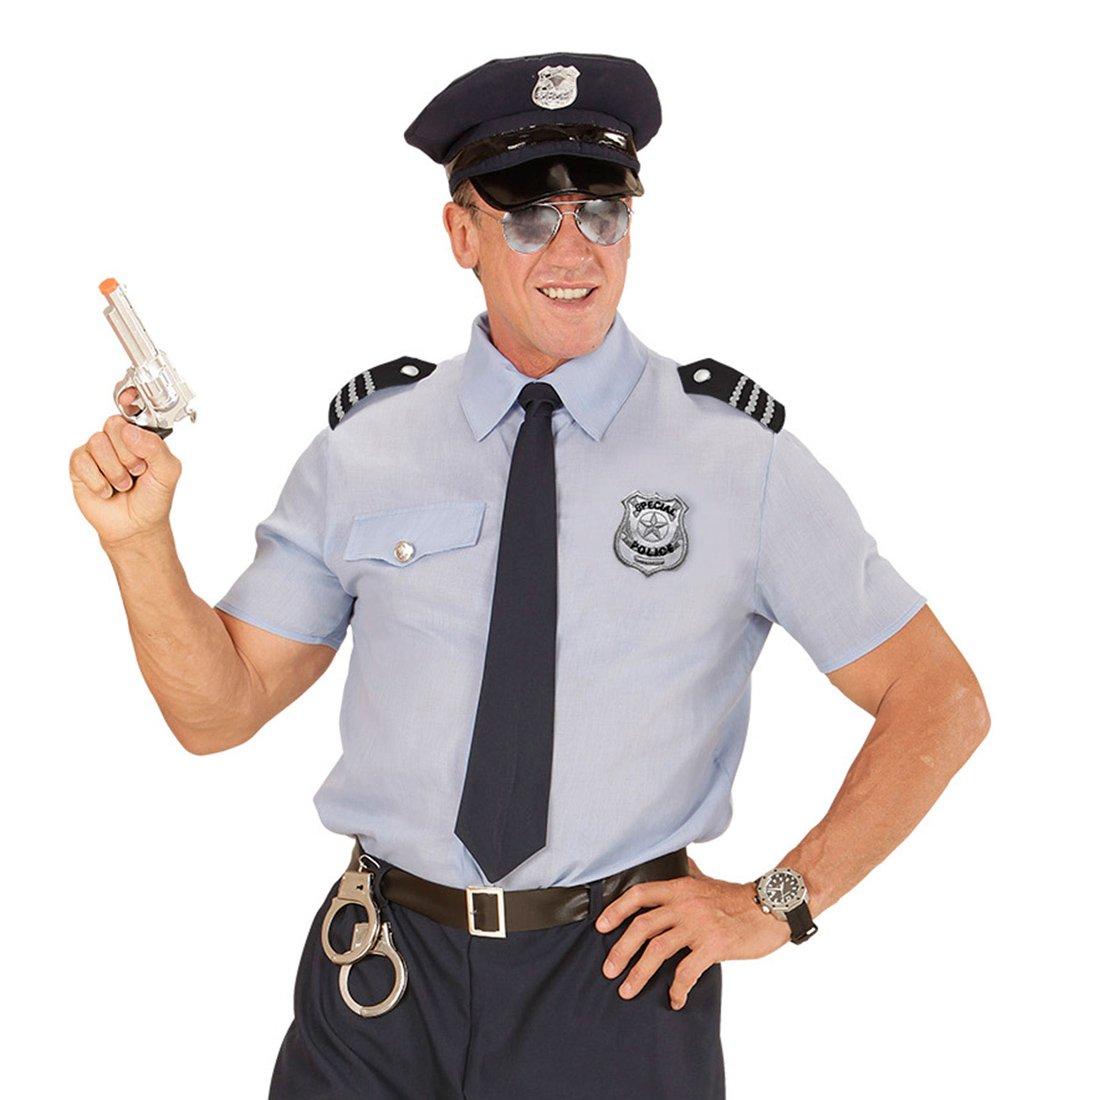 Amakando con Gafas, Distintivo y Hombreras   Conjunto de Policía ...